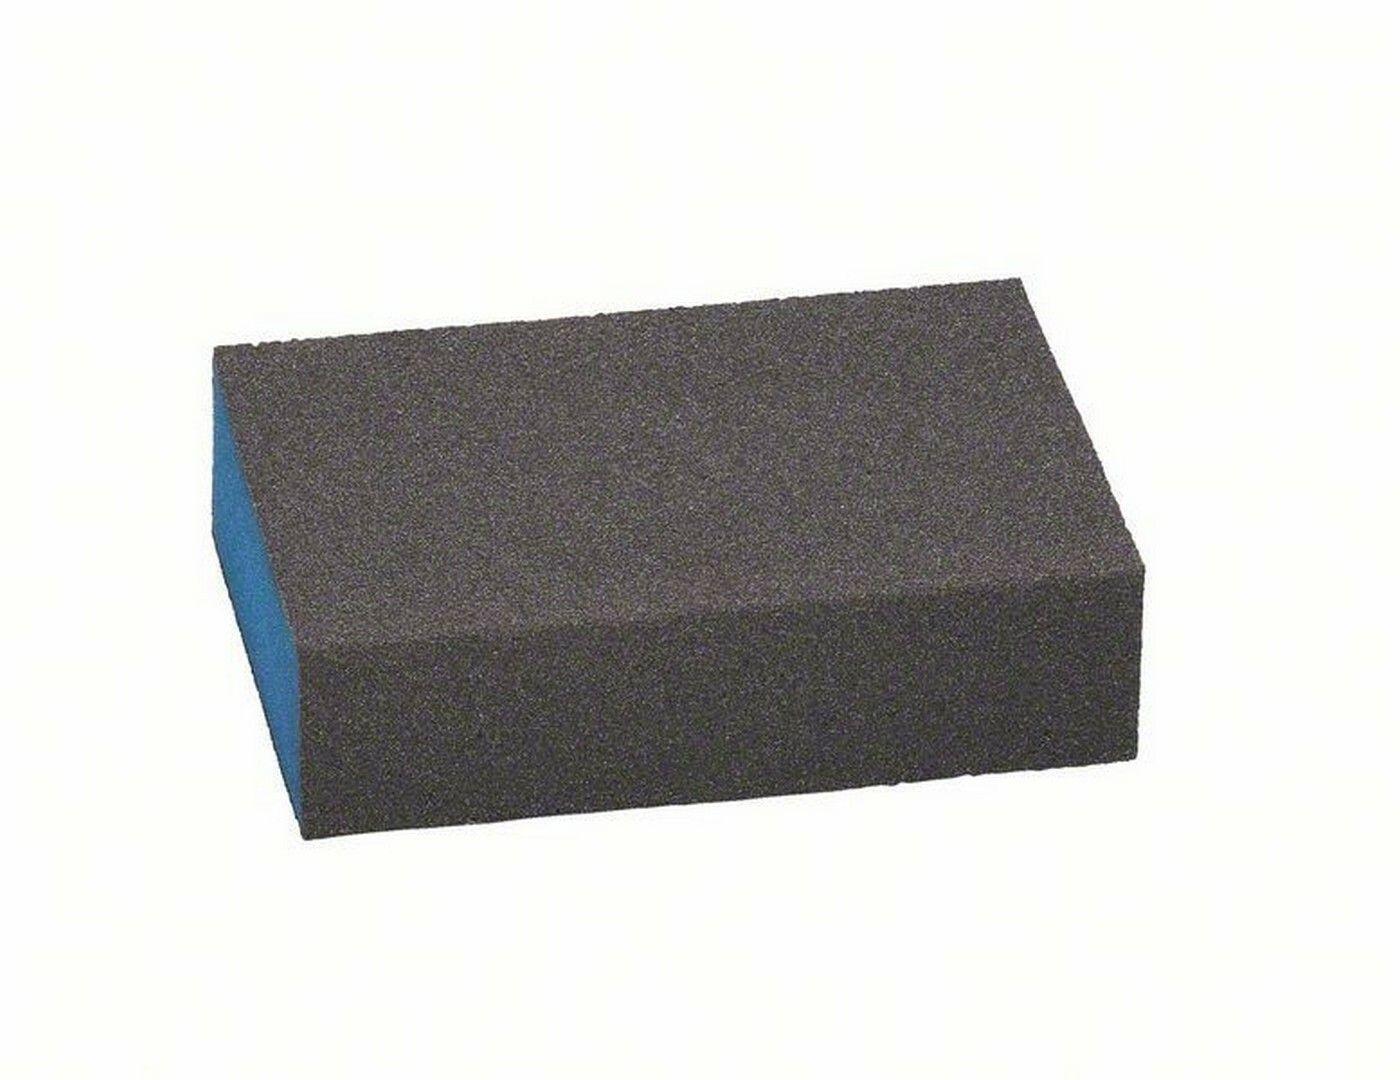 Brusná houba Best for Flat and Edge; 68 x 97 x 27 mm, jemná - 3165140583992 BOSCH